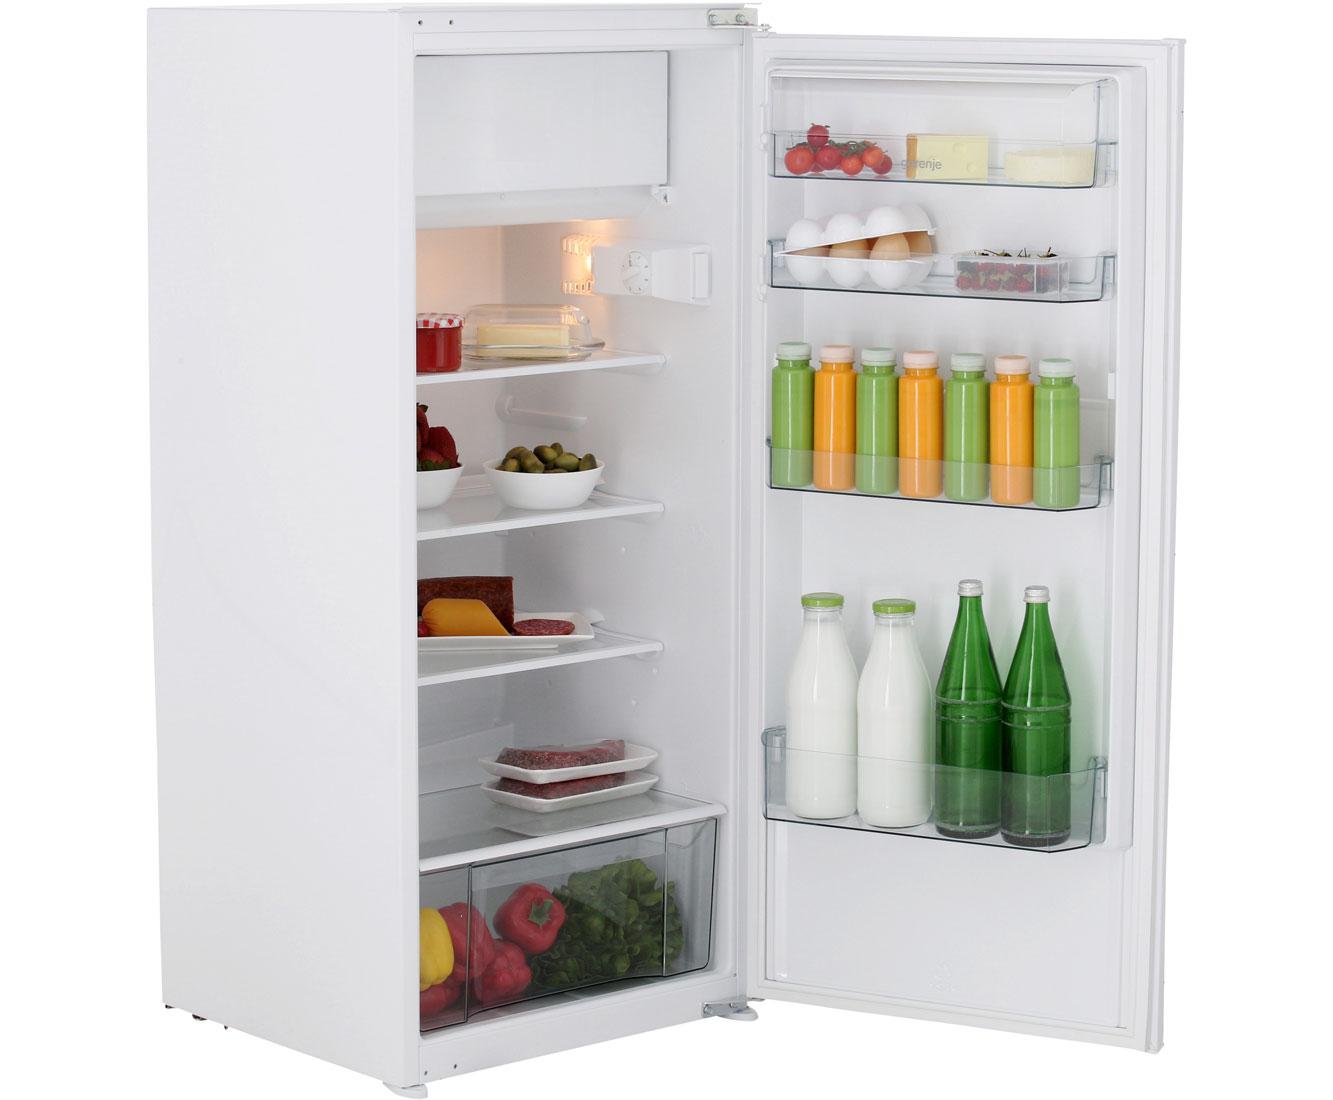 Gorenje Kühlschrank Preisvergleich : Kühlschrank preisvergleich aeg sfe81426zc preisvergleich